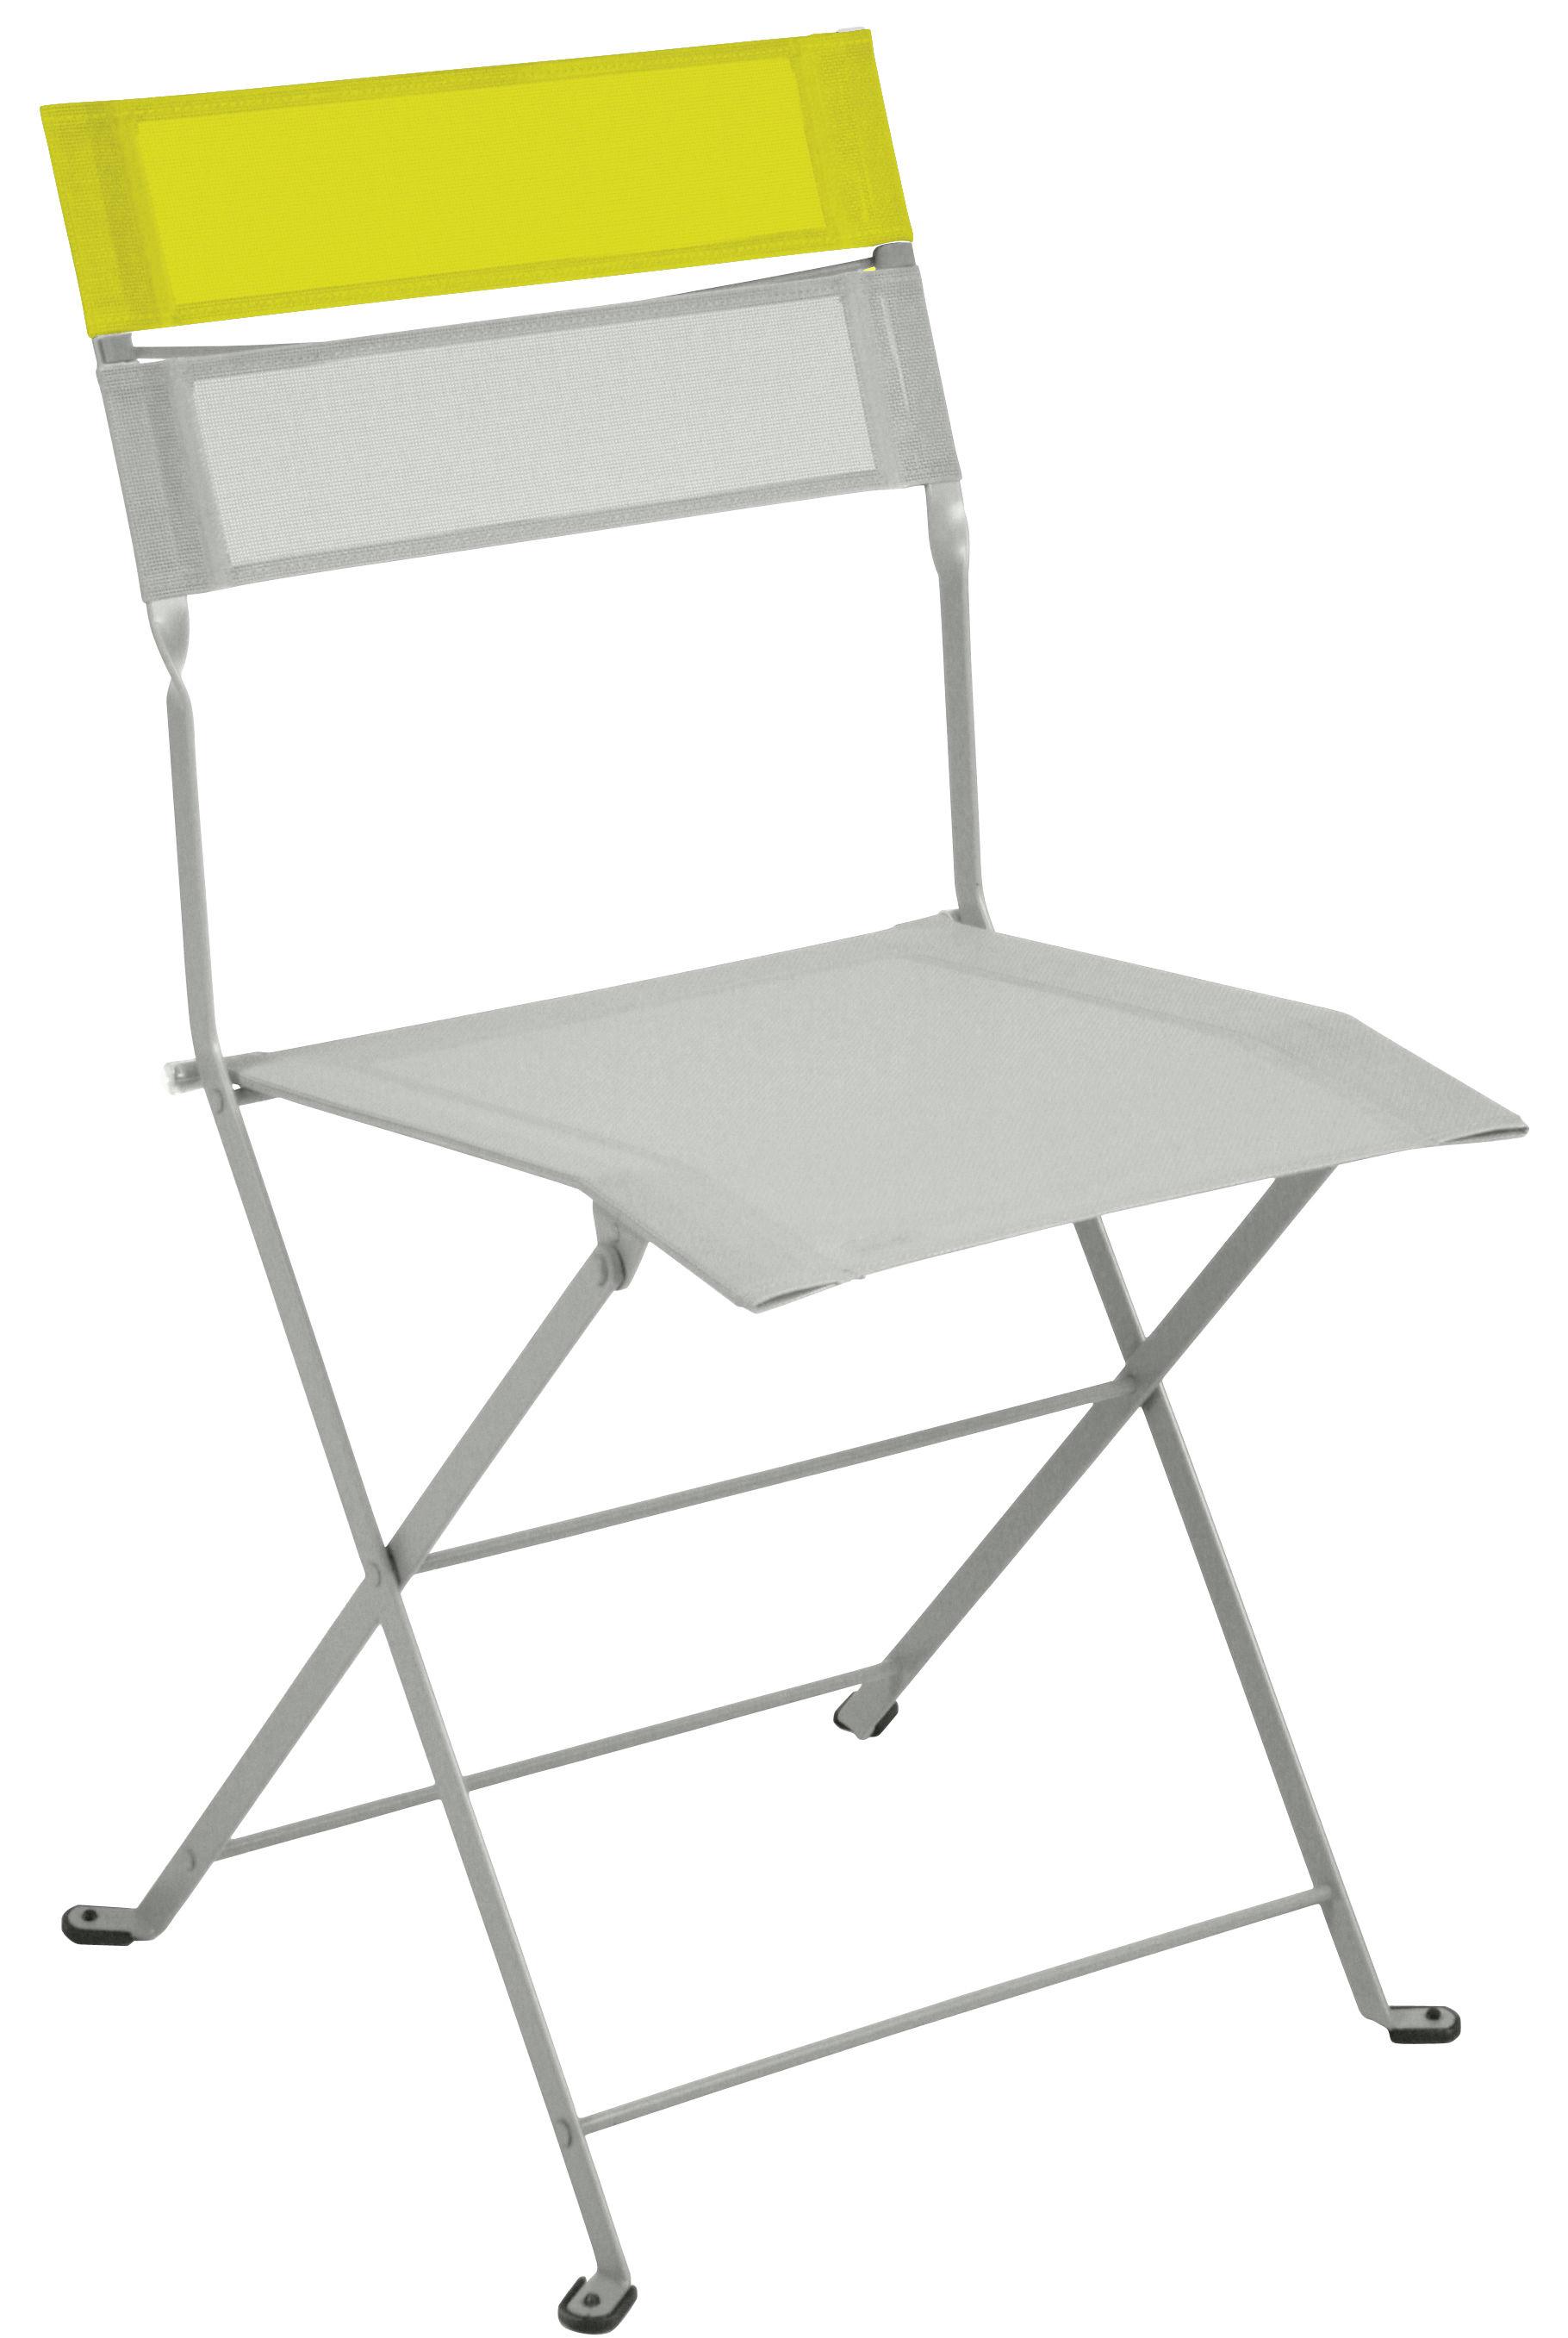 chaise pliante latitude toile structure gris m tal bandeau verveine fermob. Black Bedroom Furniture Sets. Home Design Ideas